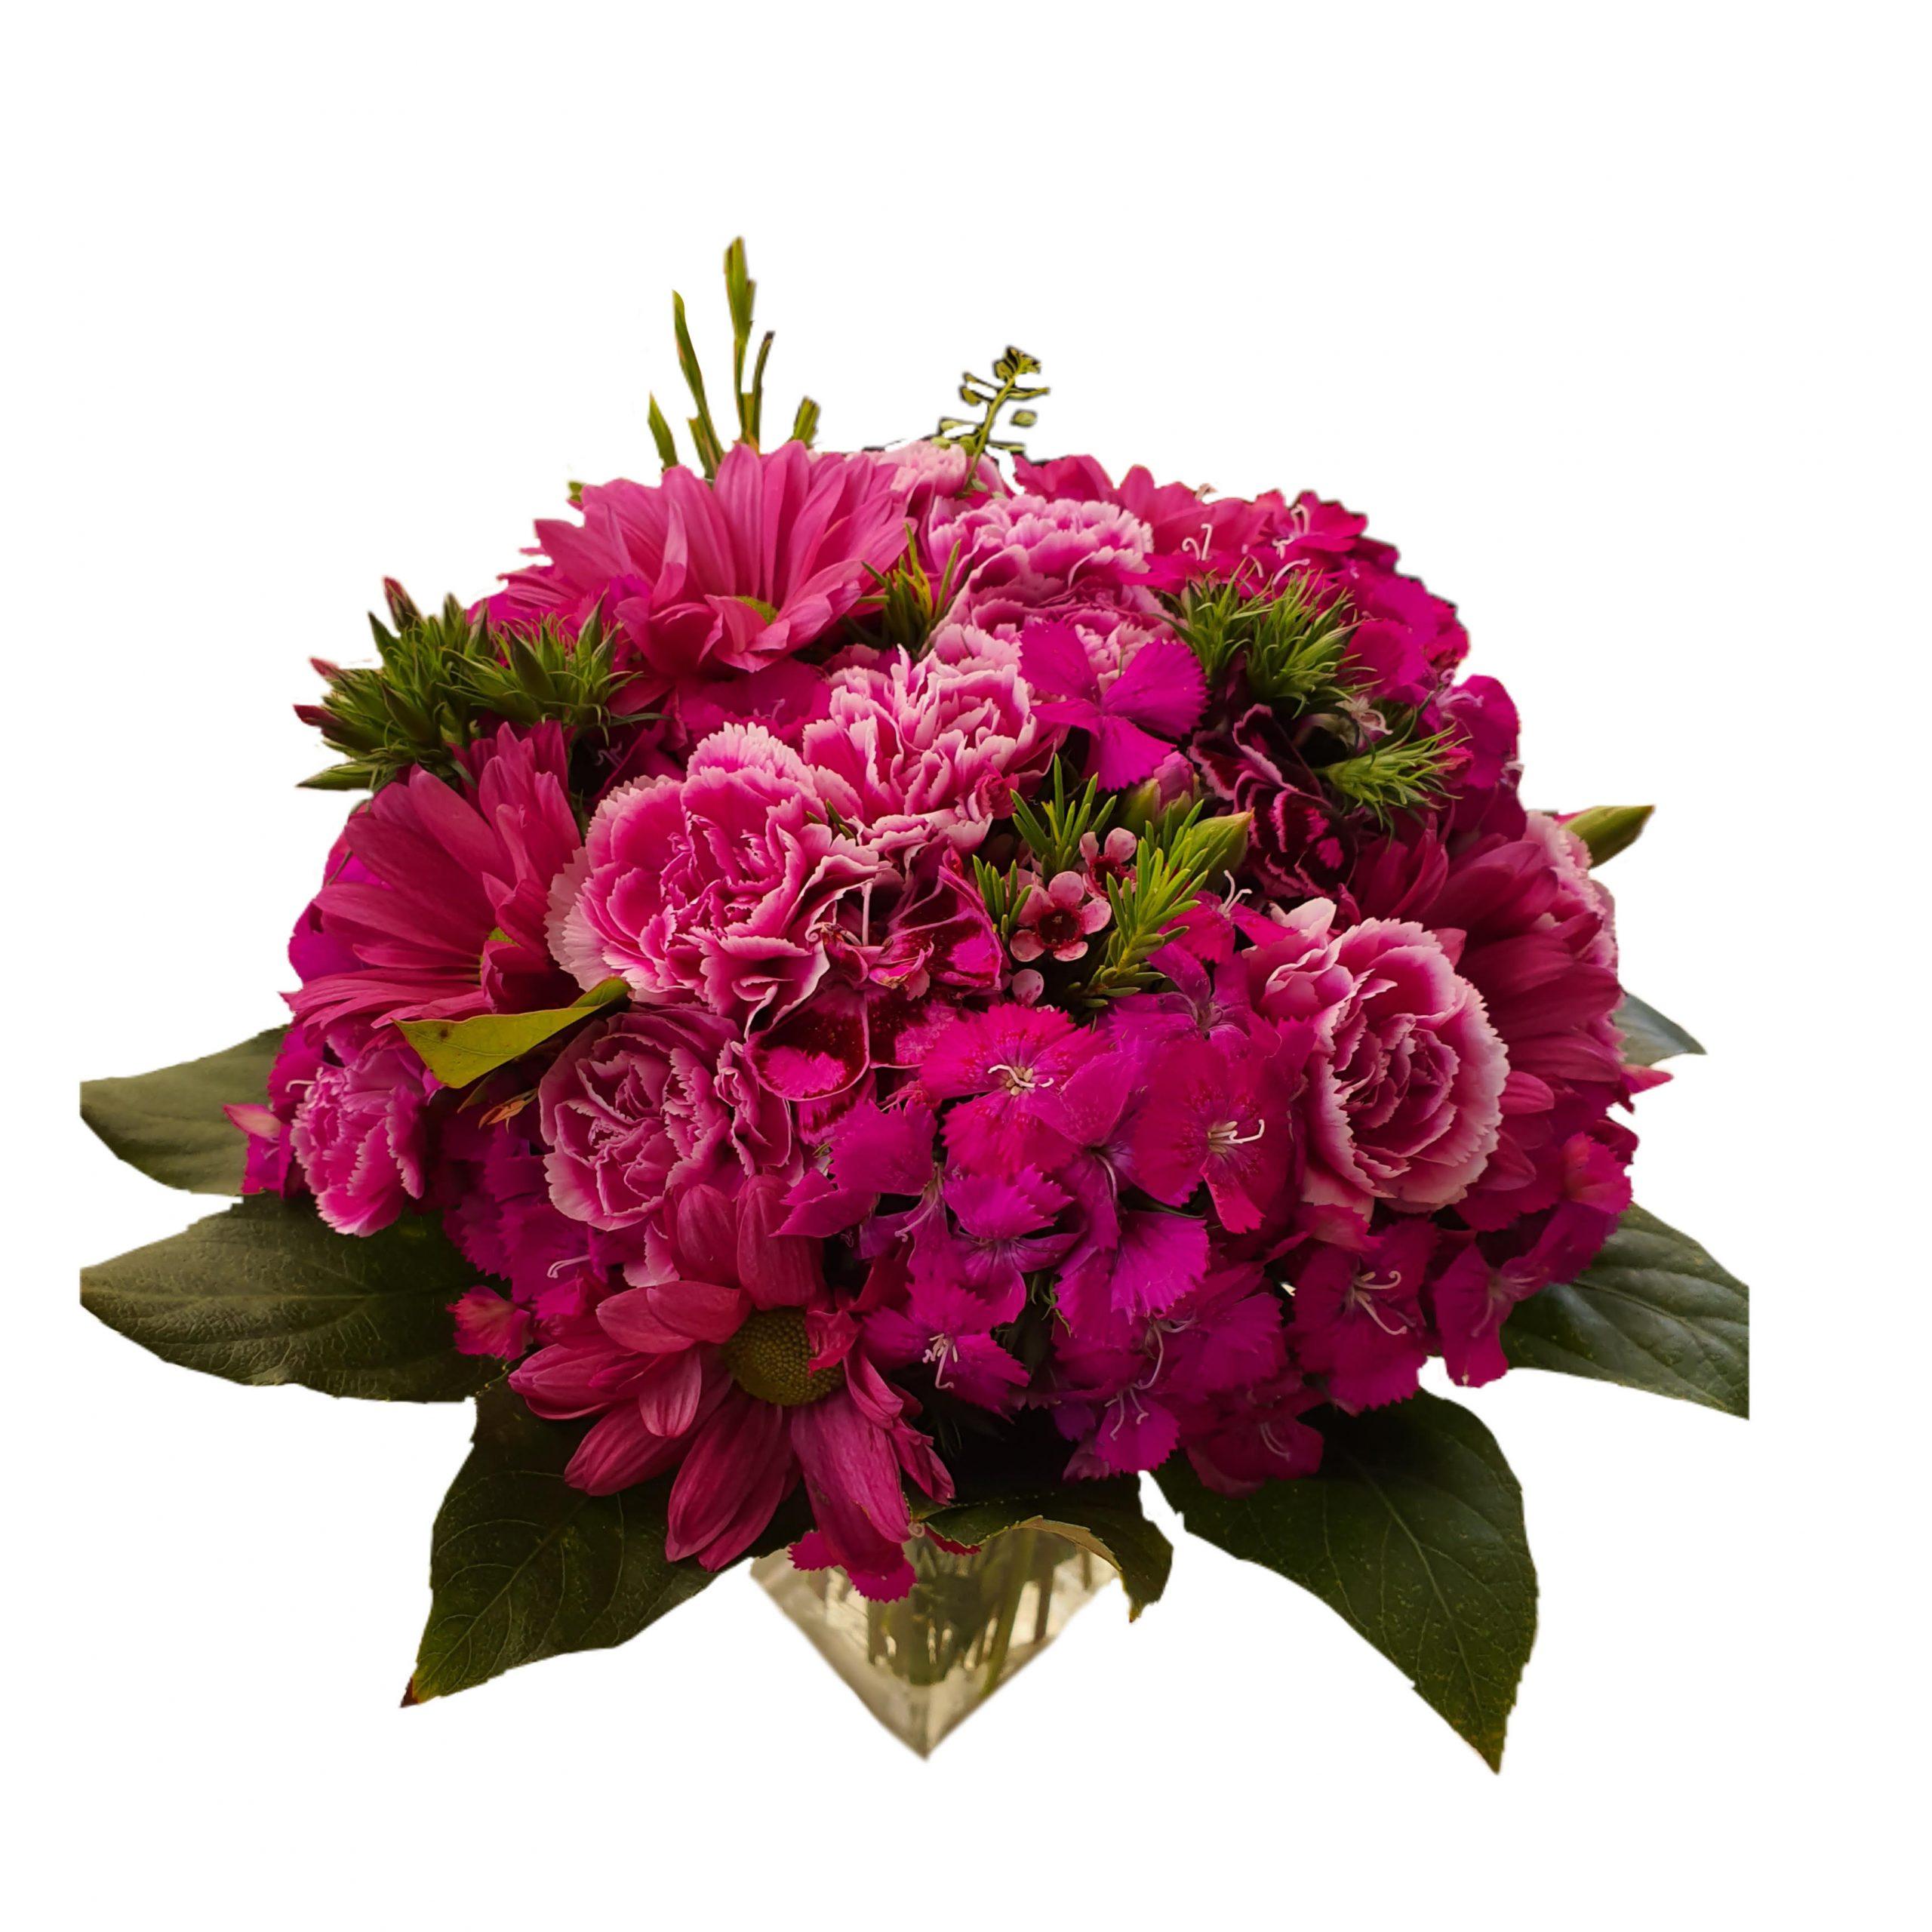 משלוחי פרחים לתל אביב לכל אירוע